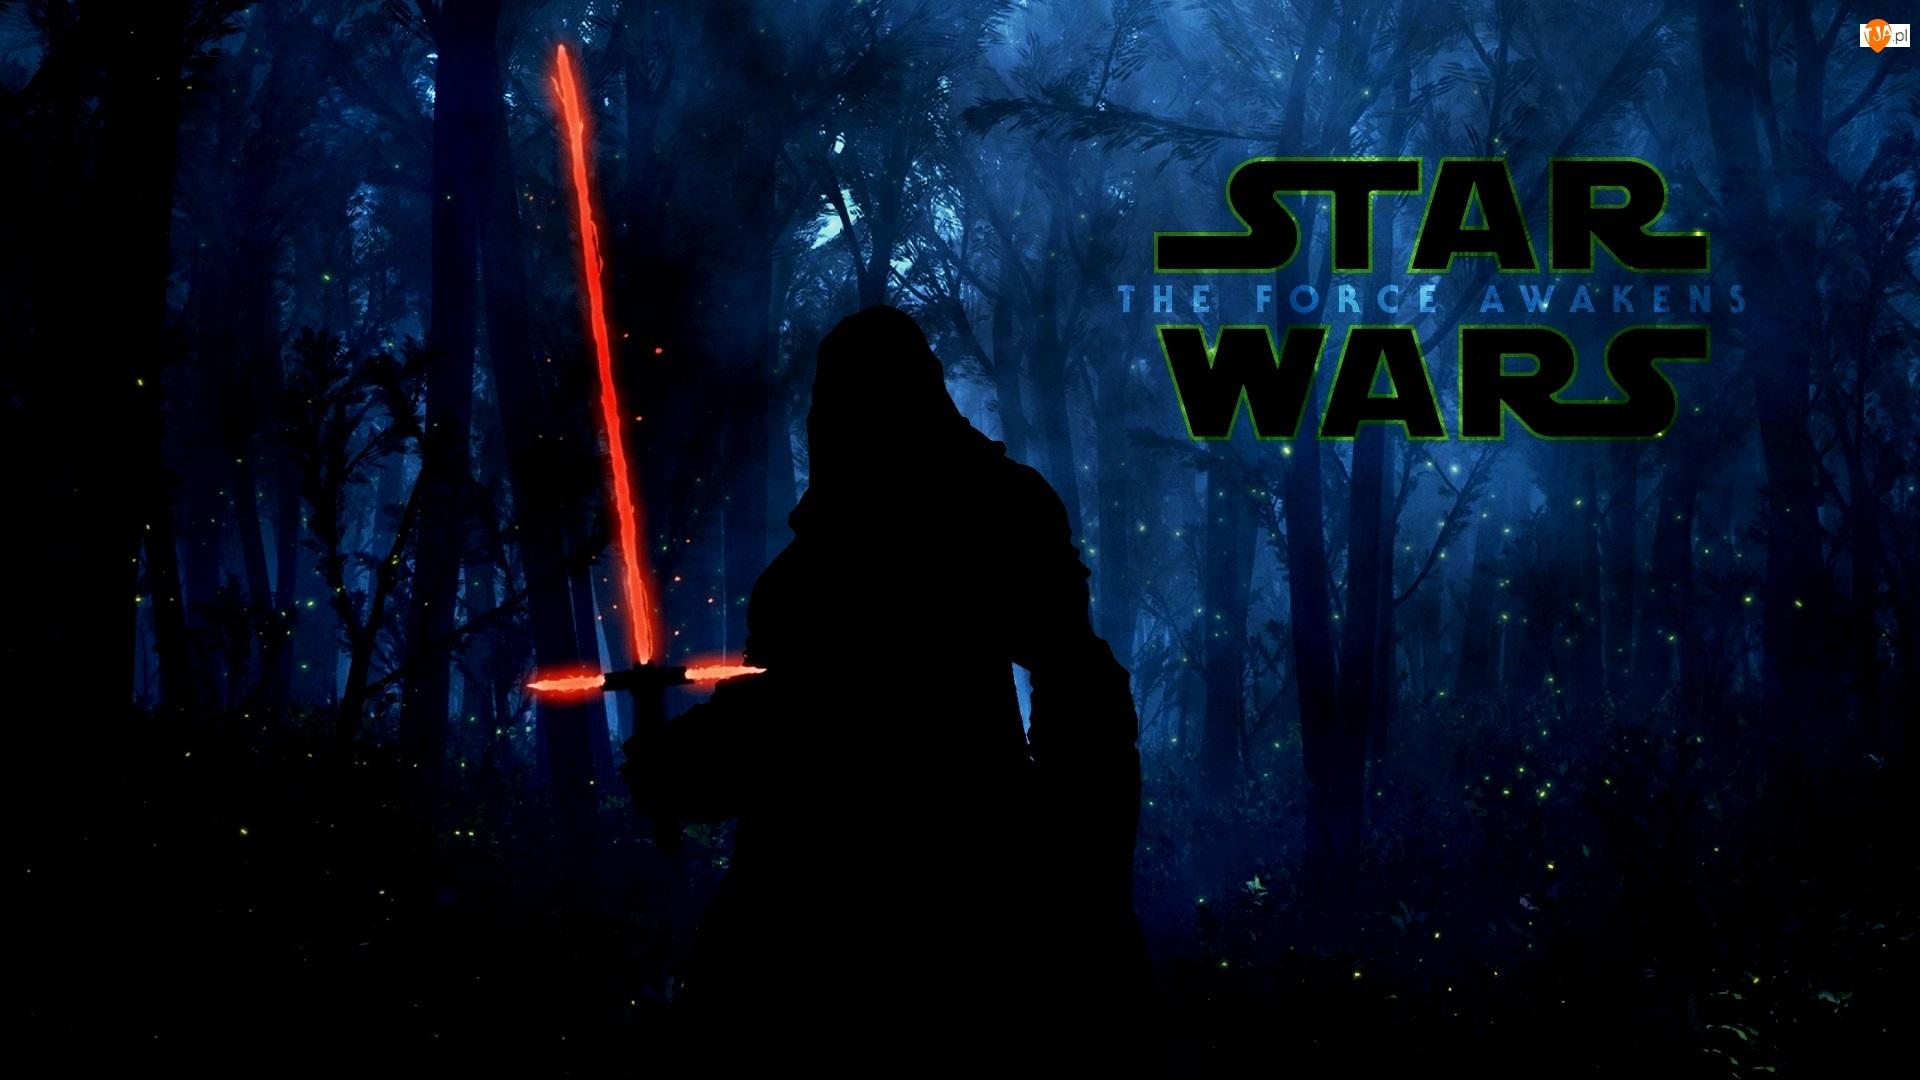 Star Wars Wallpaper Pc Hd Tapety Star Wars Tapety Tja Pl